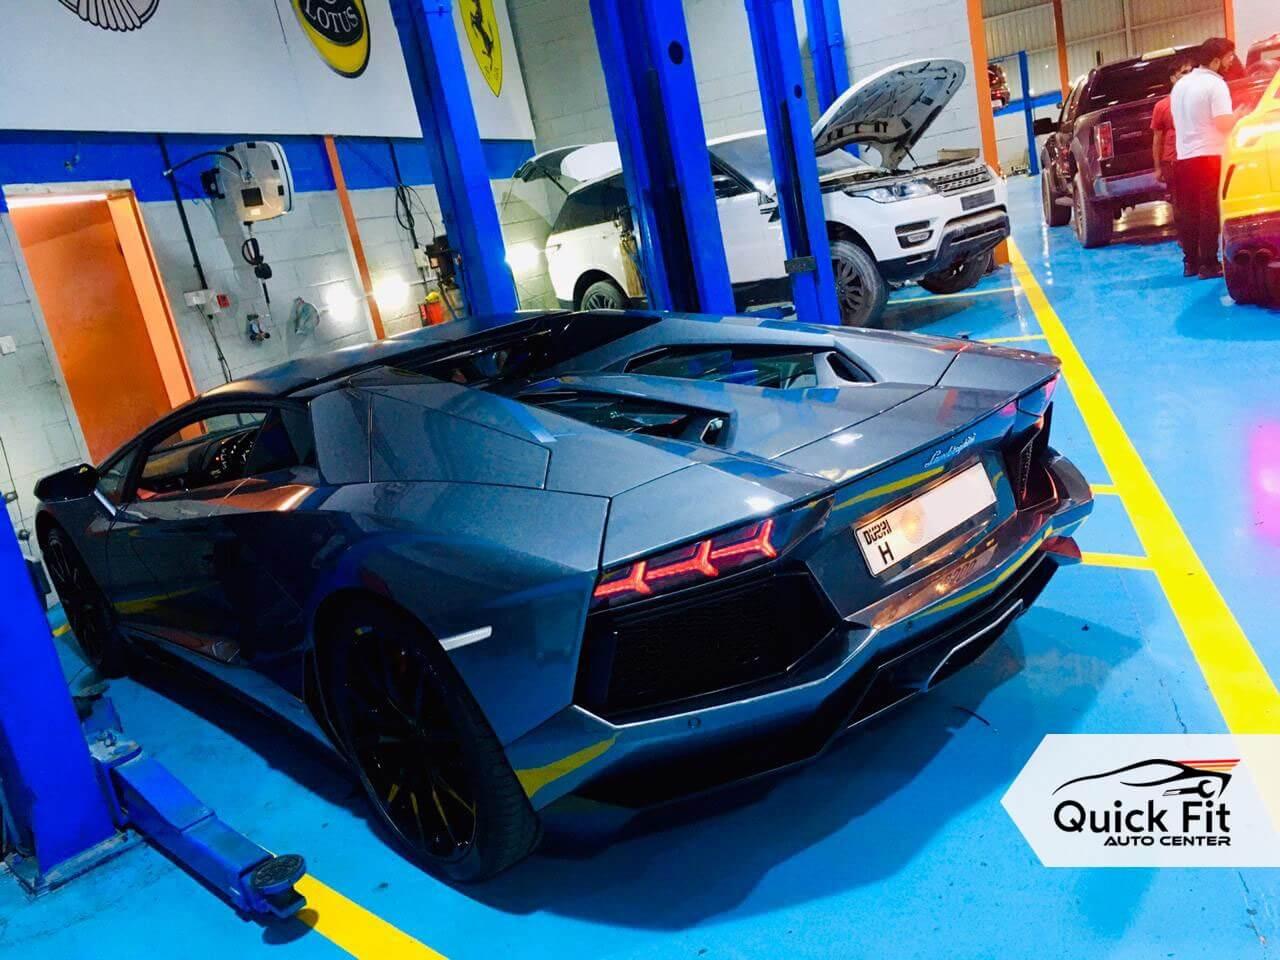 Lamborghini Aventador Minor Service at Quick Fit Auto Center